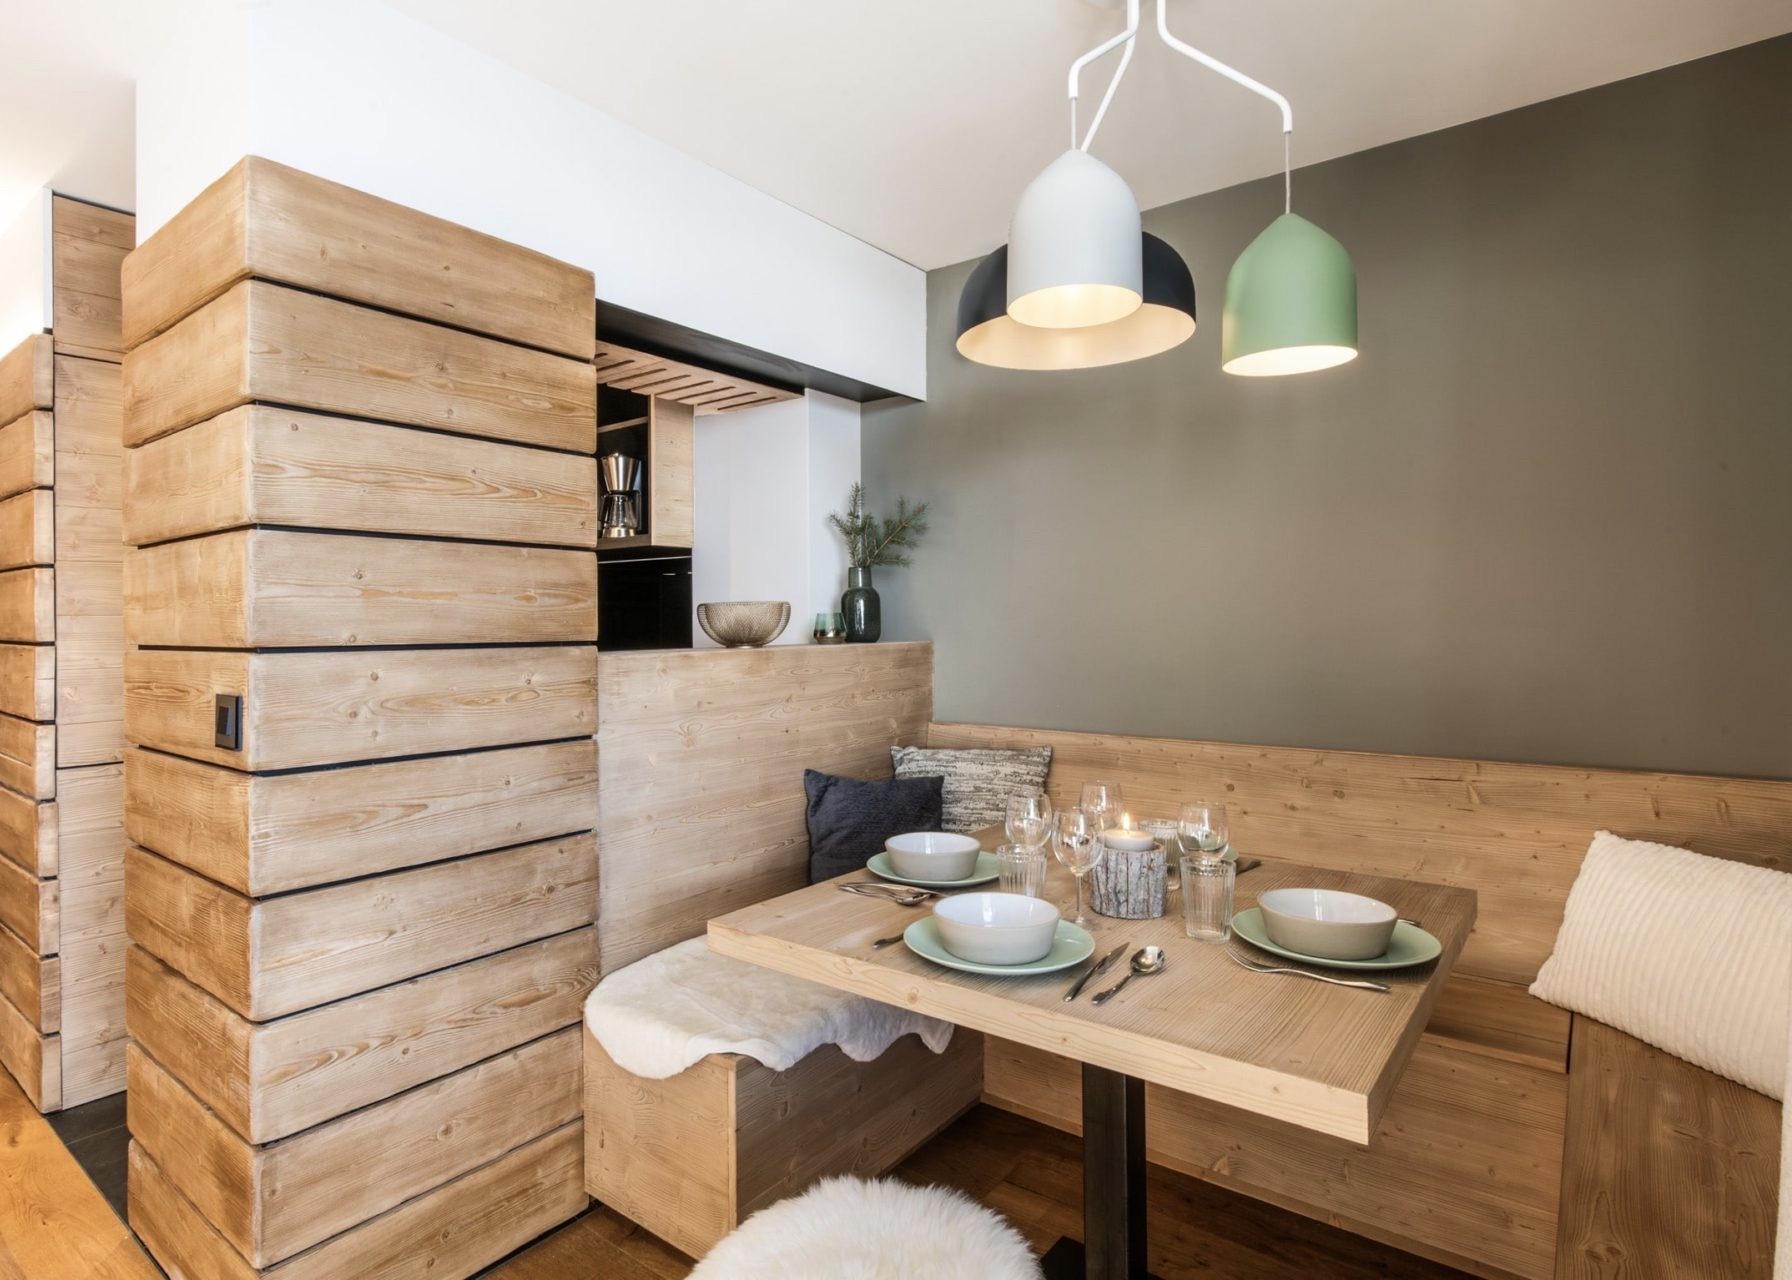 petit appartement à Val d'Isère ski bas piste 5 personnes famille aménagement - blog déco - clem around the corner